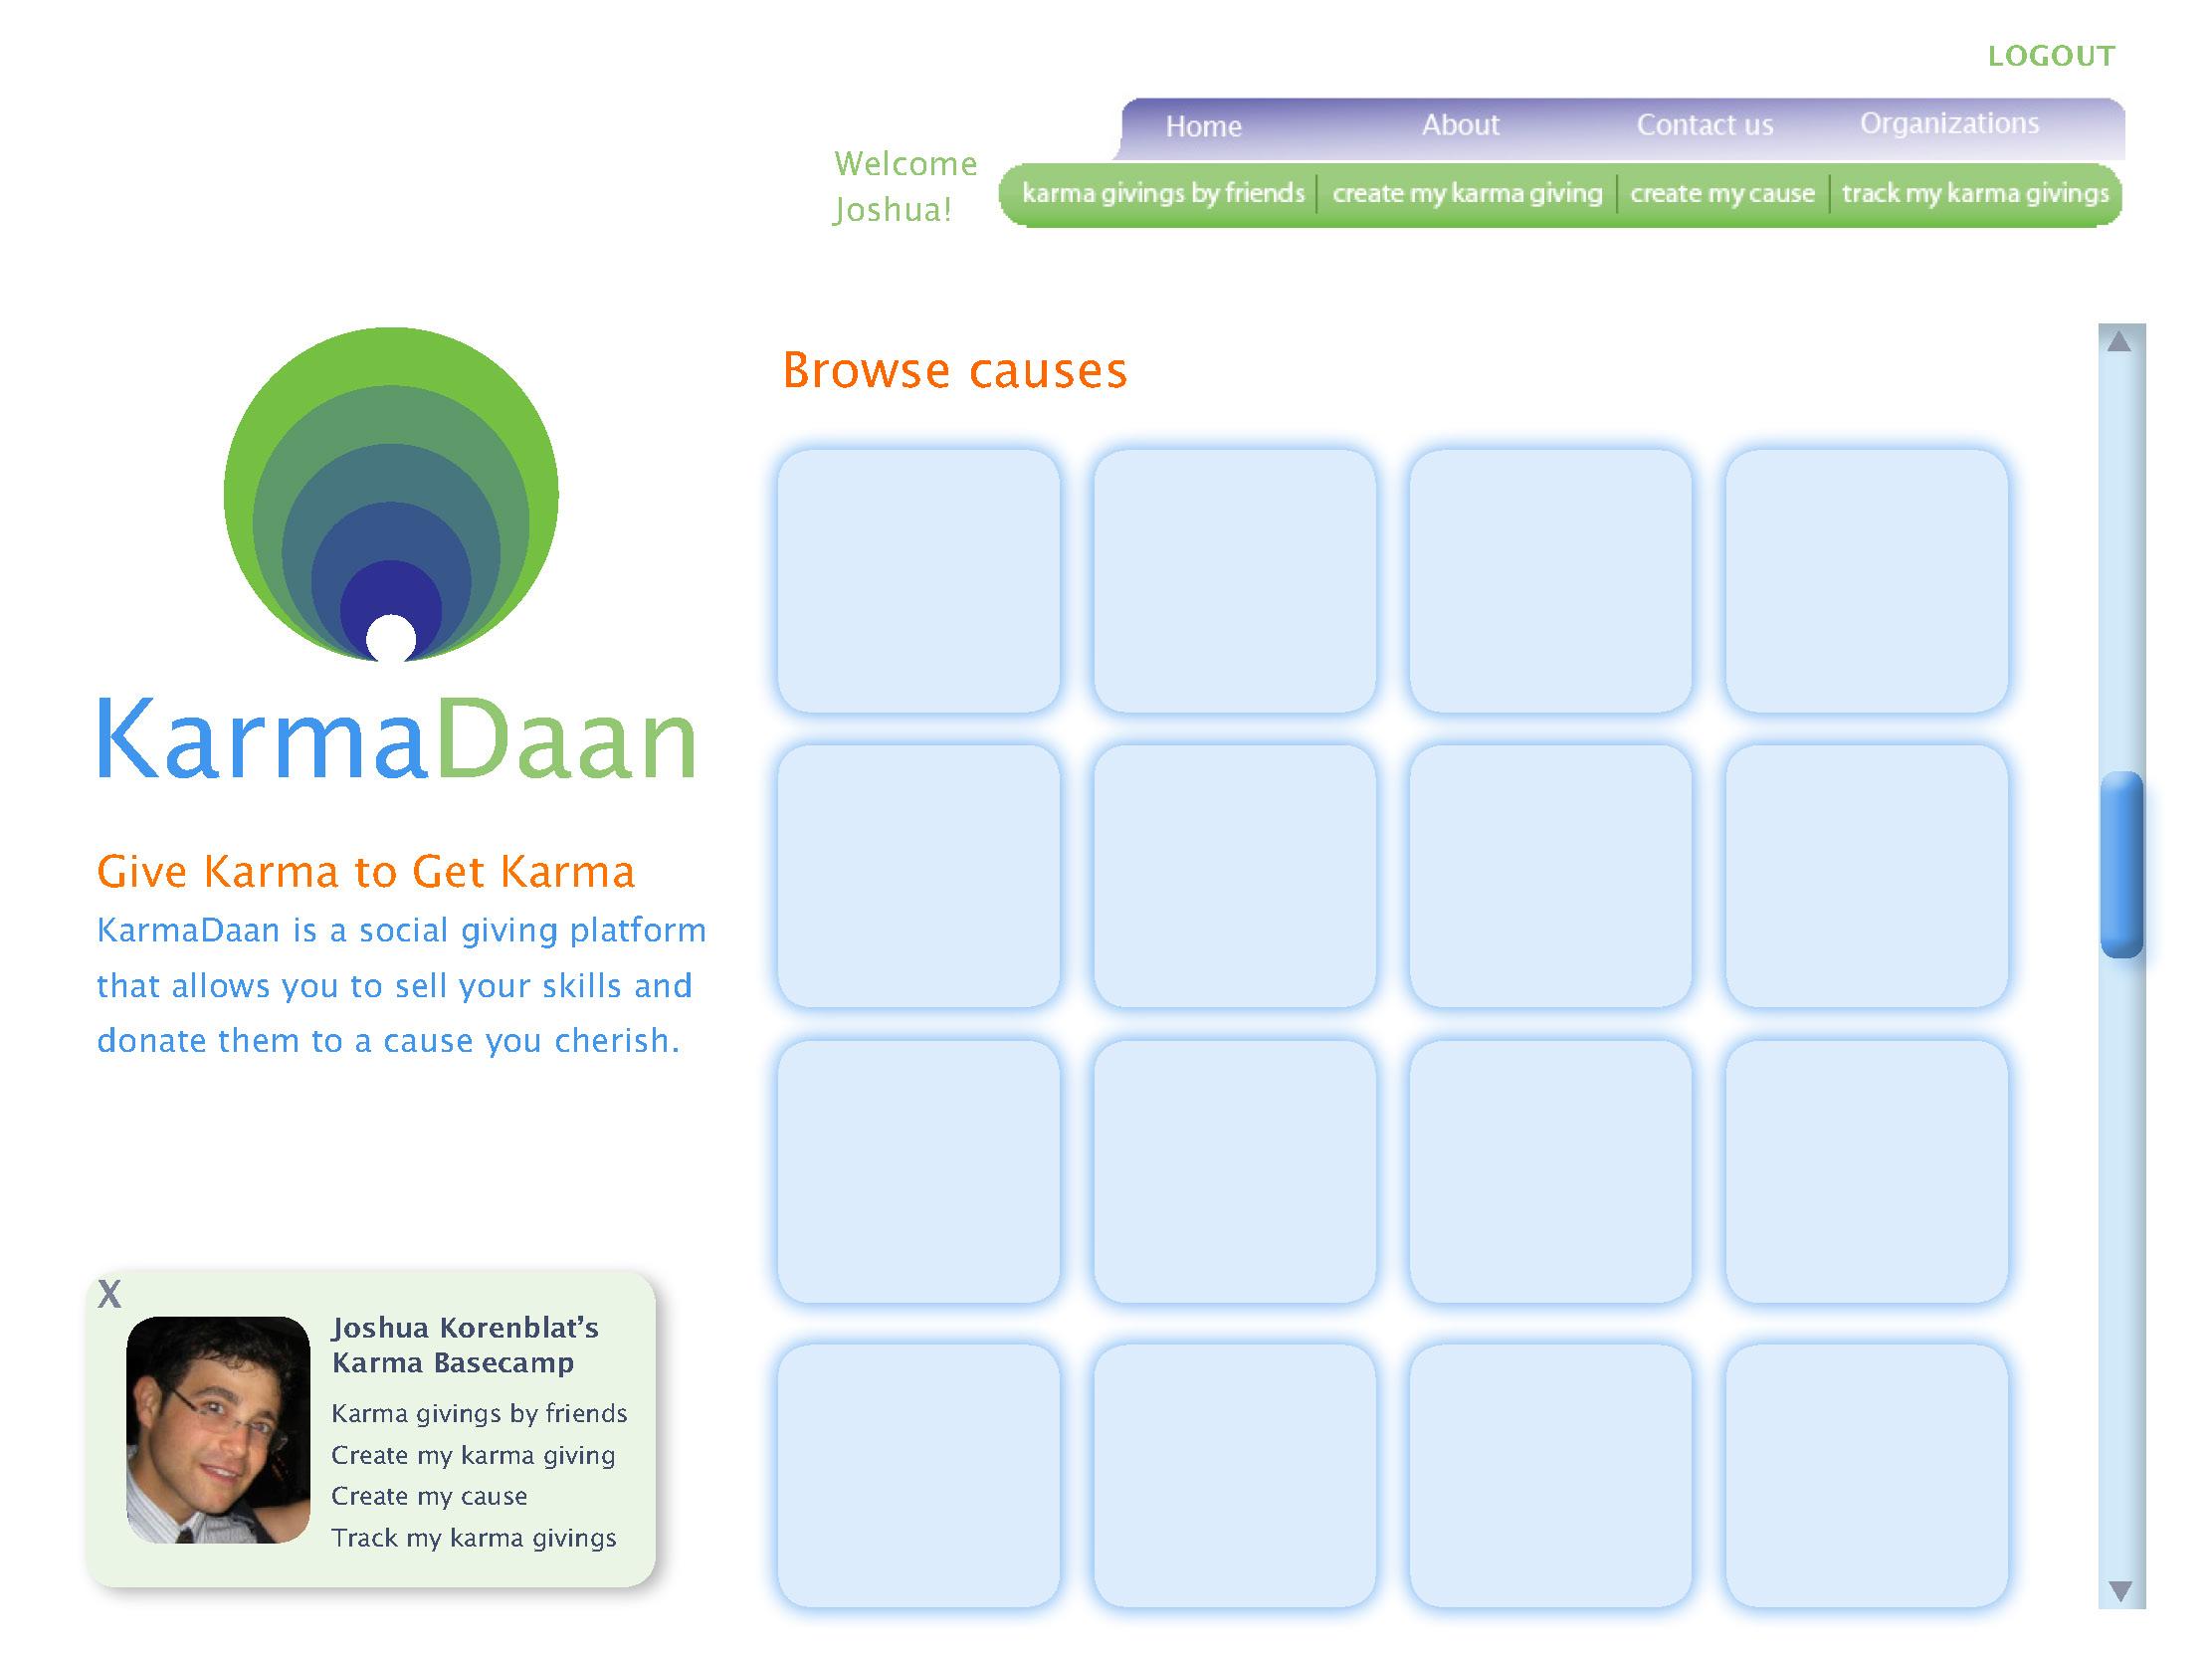 KarmaDaan-11-26-12_Page_12.jpg